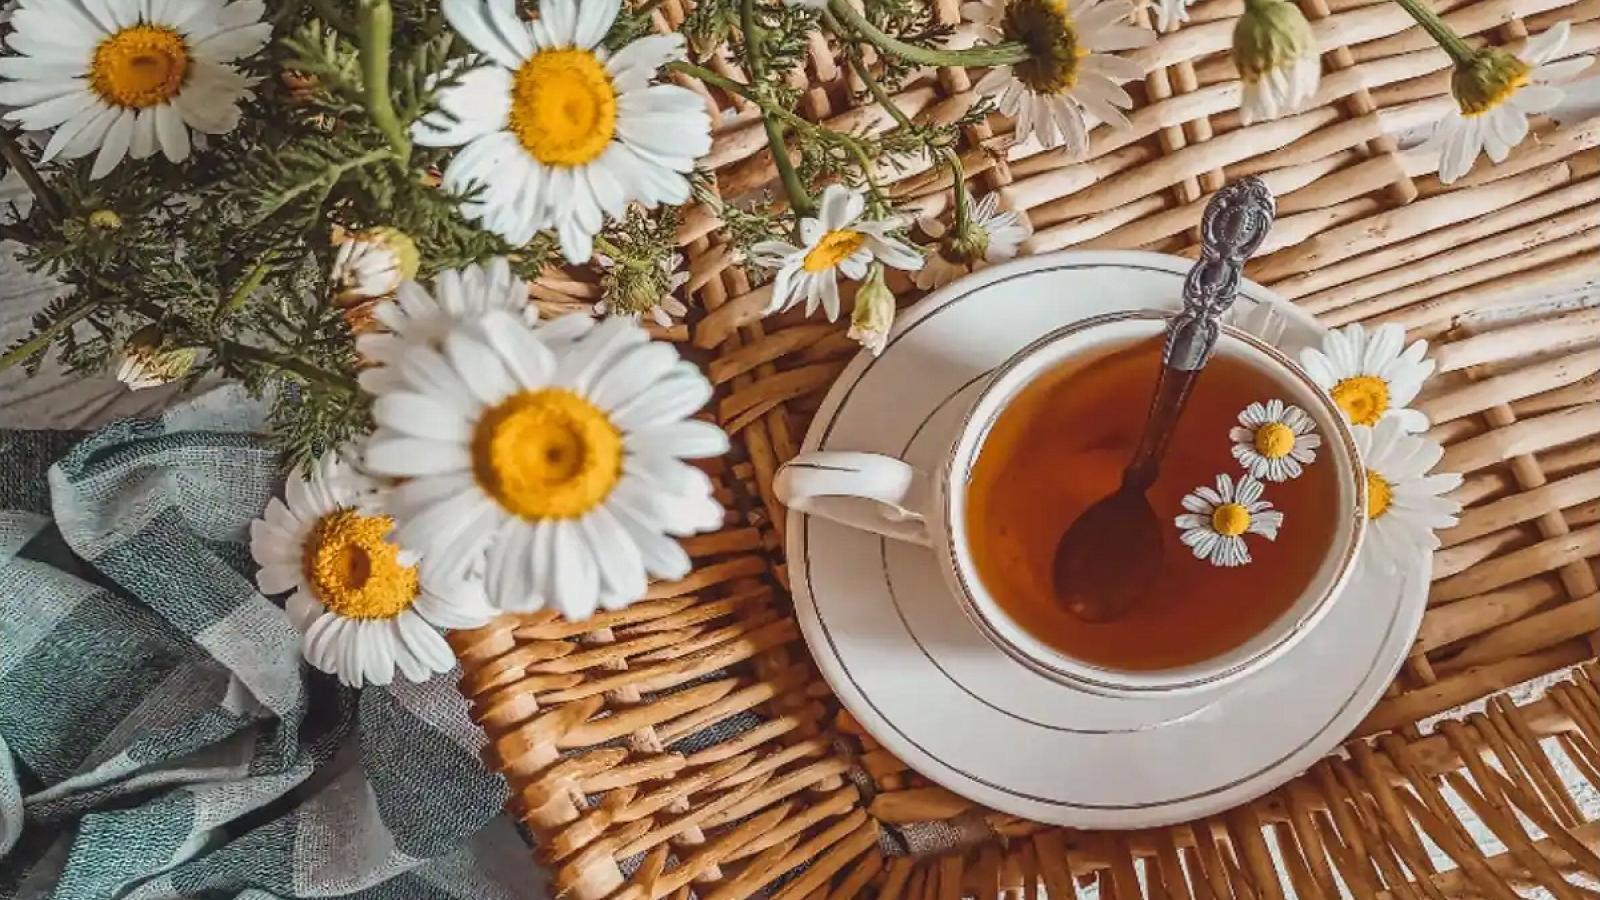 10 lựa chọn thay thế cho trà và cà phê mà bạn có thể thử